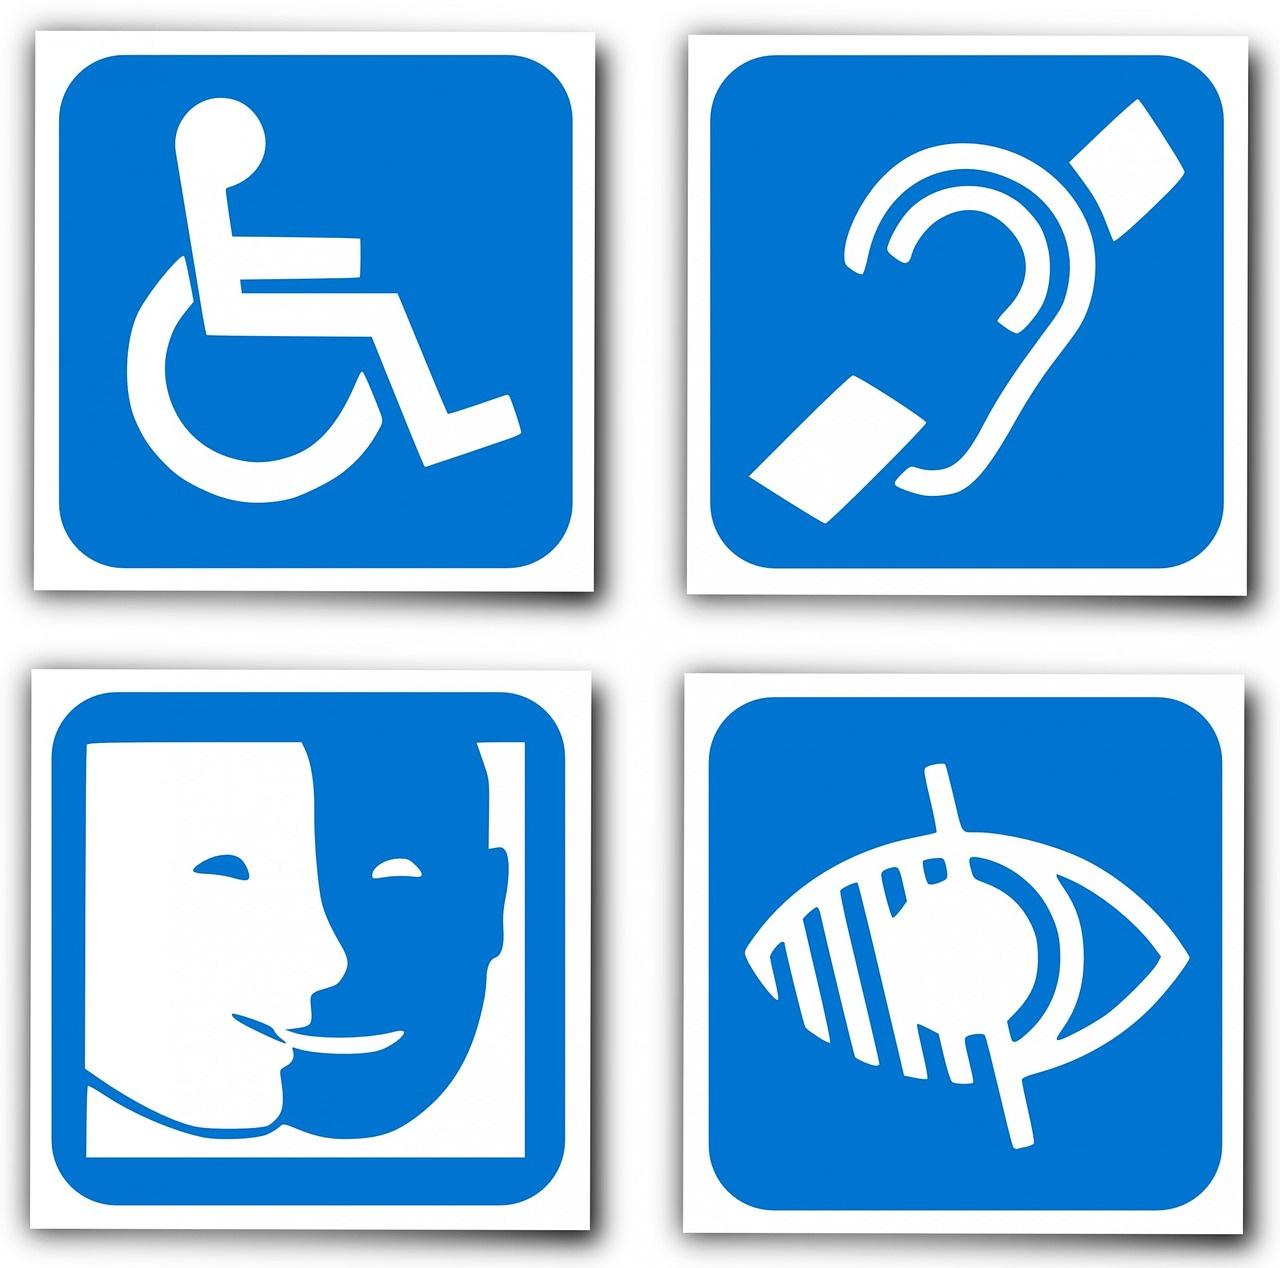 logo officiel des différentes formes de handicap : handicap moteur, handicap auditif, handicap mental, handicap visuel